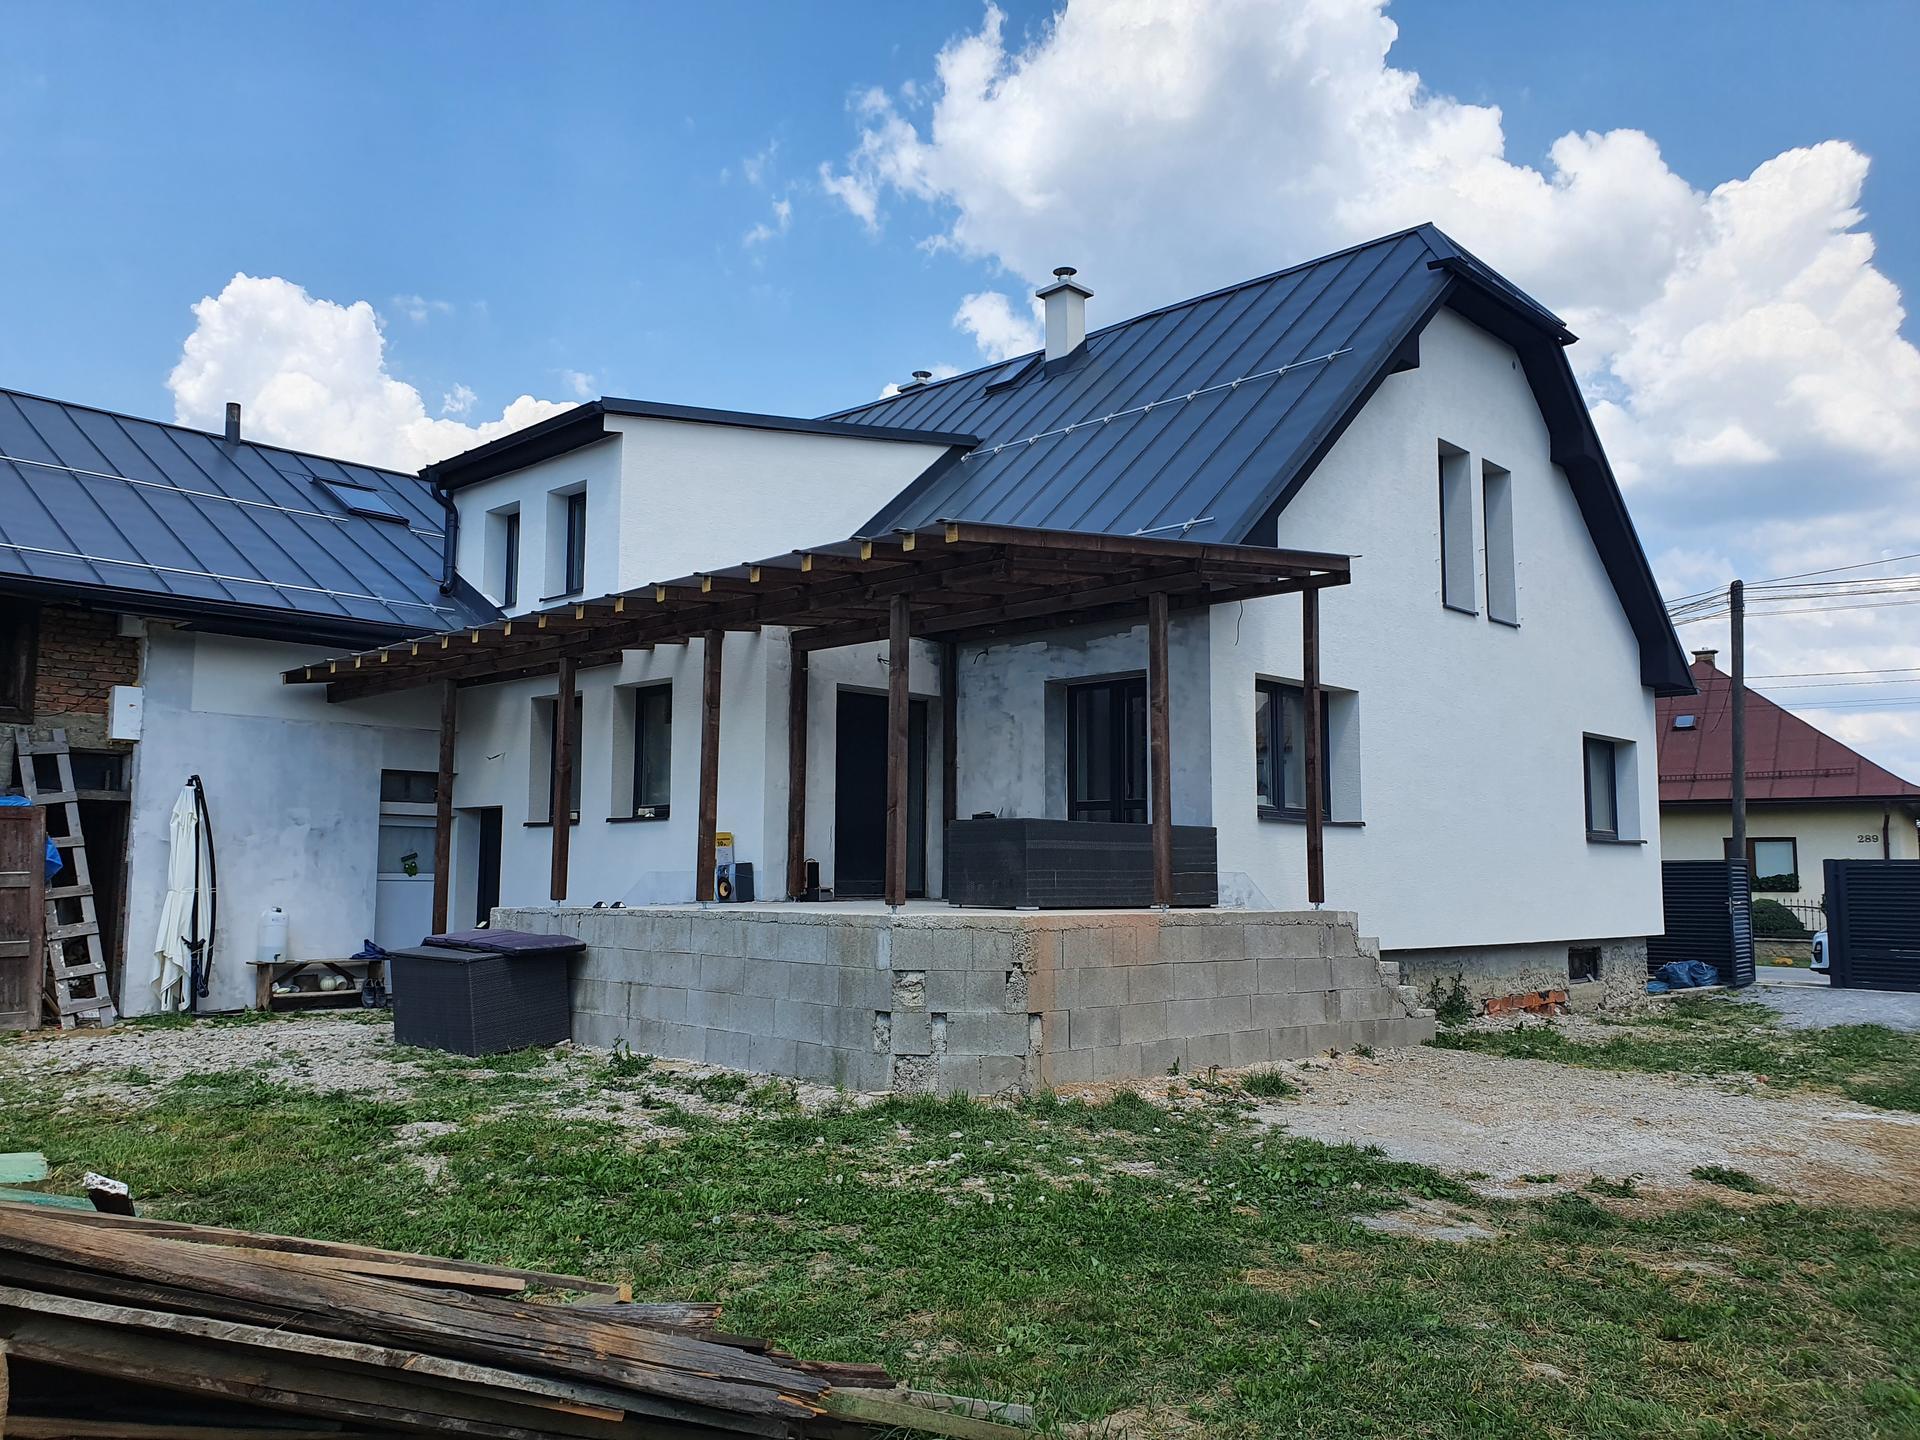 Rekonštrukcia domu-alebo chceme si splniť sen =》🏠🌻🌼🐶  mat domcek a vratit sa na Slovensko - Obrázok č. 773